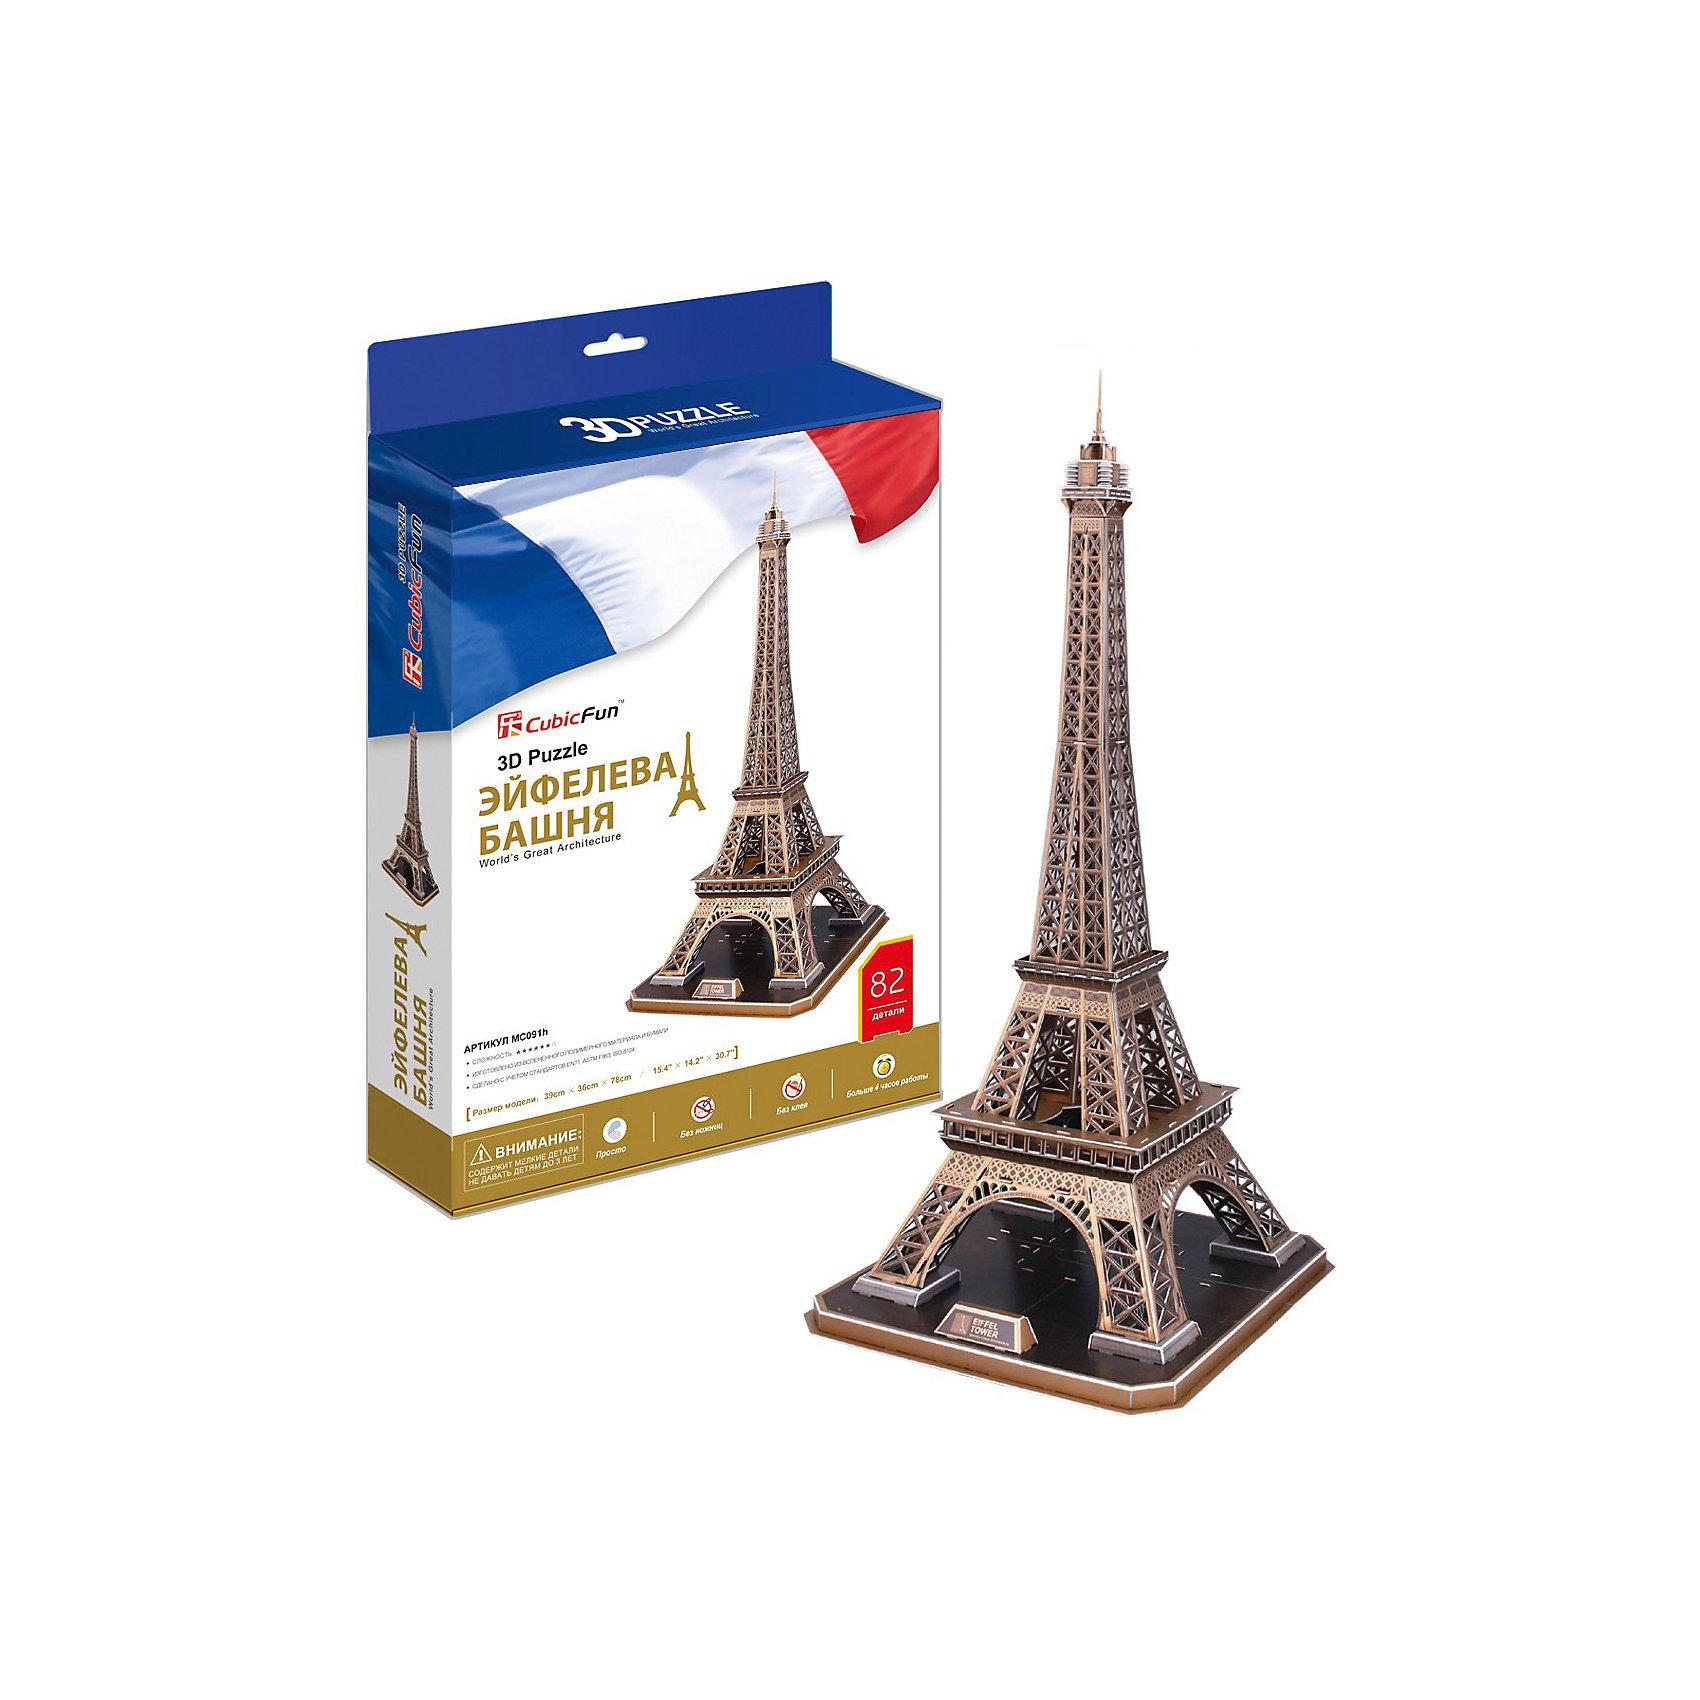 Пазл 3D Эйфелева Башня (Франция), 82 детали, CubicFunБашня является самой узнаваемой архитектурной достопримечательностью Парижа, имеющая мировую известность как символ Франции, названная в честь своего конструктора Густава Эйфеля.<br><br>УРОВЕНЬ СЛОЖНОСТИ - 6<br><br>Функции:<br>- помогает в развитии логики и творческих способностей ребенка;<br>- помогает в формировании мышления, речи, внимания, восприятия и воображения;<br>- развивает моторику рук;<br>- расширяет кругозор ребенка и стимулирует к познанию новой информации;<br><br>Практические характеристики:<br>- обучающая, яркая и реалистичная модель;<br>- идеально и легко собирается без инструментов;<br>- увлекательный игровой процесс;<br>- тематический ассортимент;<br>- новый качественный материал (ламинированный пенокартон)<br><br>Ширина мм: 60<br>Глубина мм: 222<br>Высота мм: 330<br>Вес г: 1093<br>Возраст от месяцев: 60<br>Возраст до месяцев: 144<br>Пол: Унисекс<br>Возраст: Детский<br>SKU: 2276291